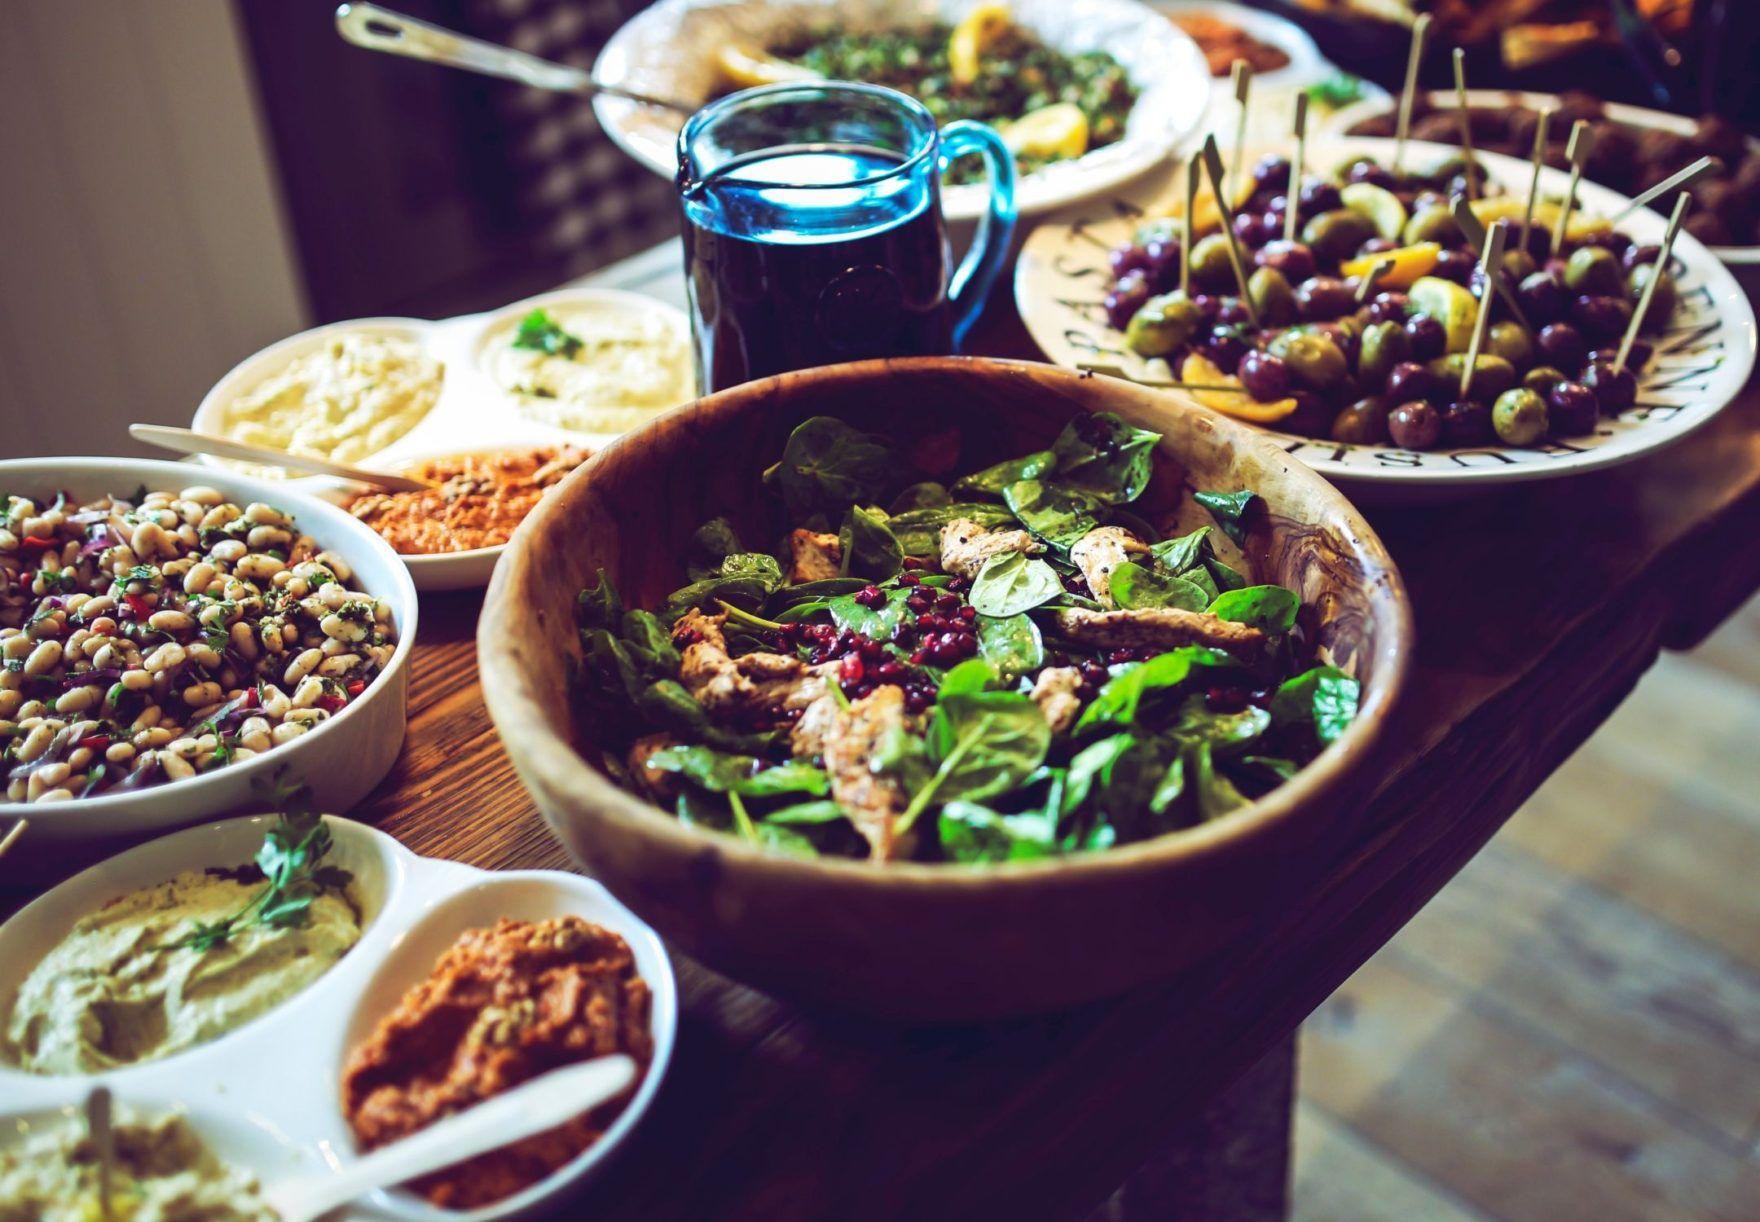 Oliventapenade og retter med oliven